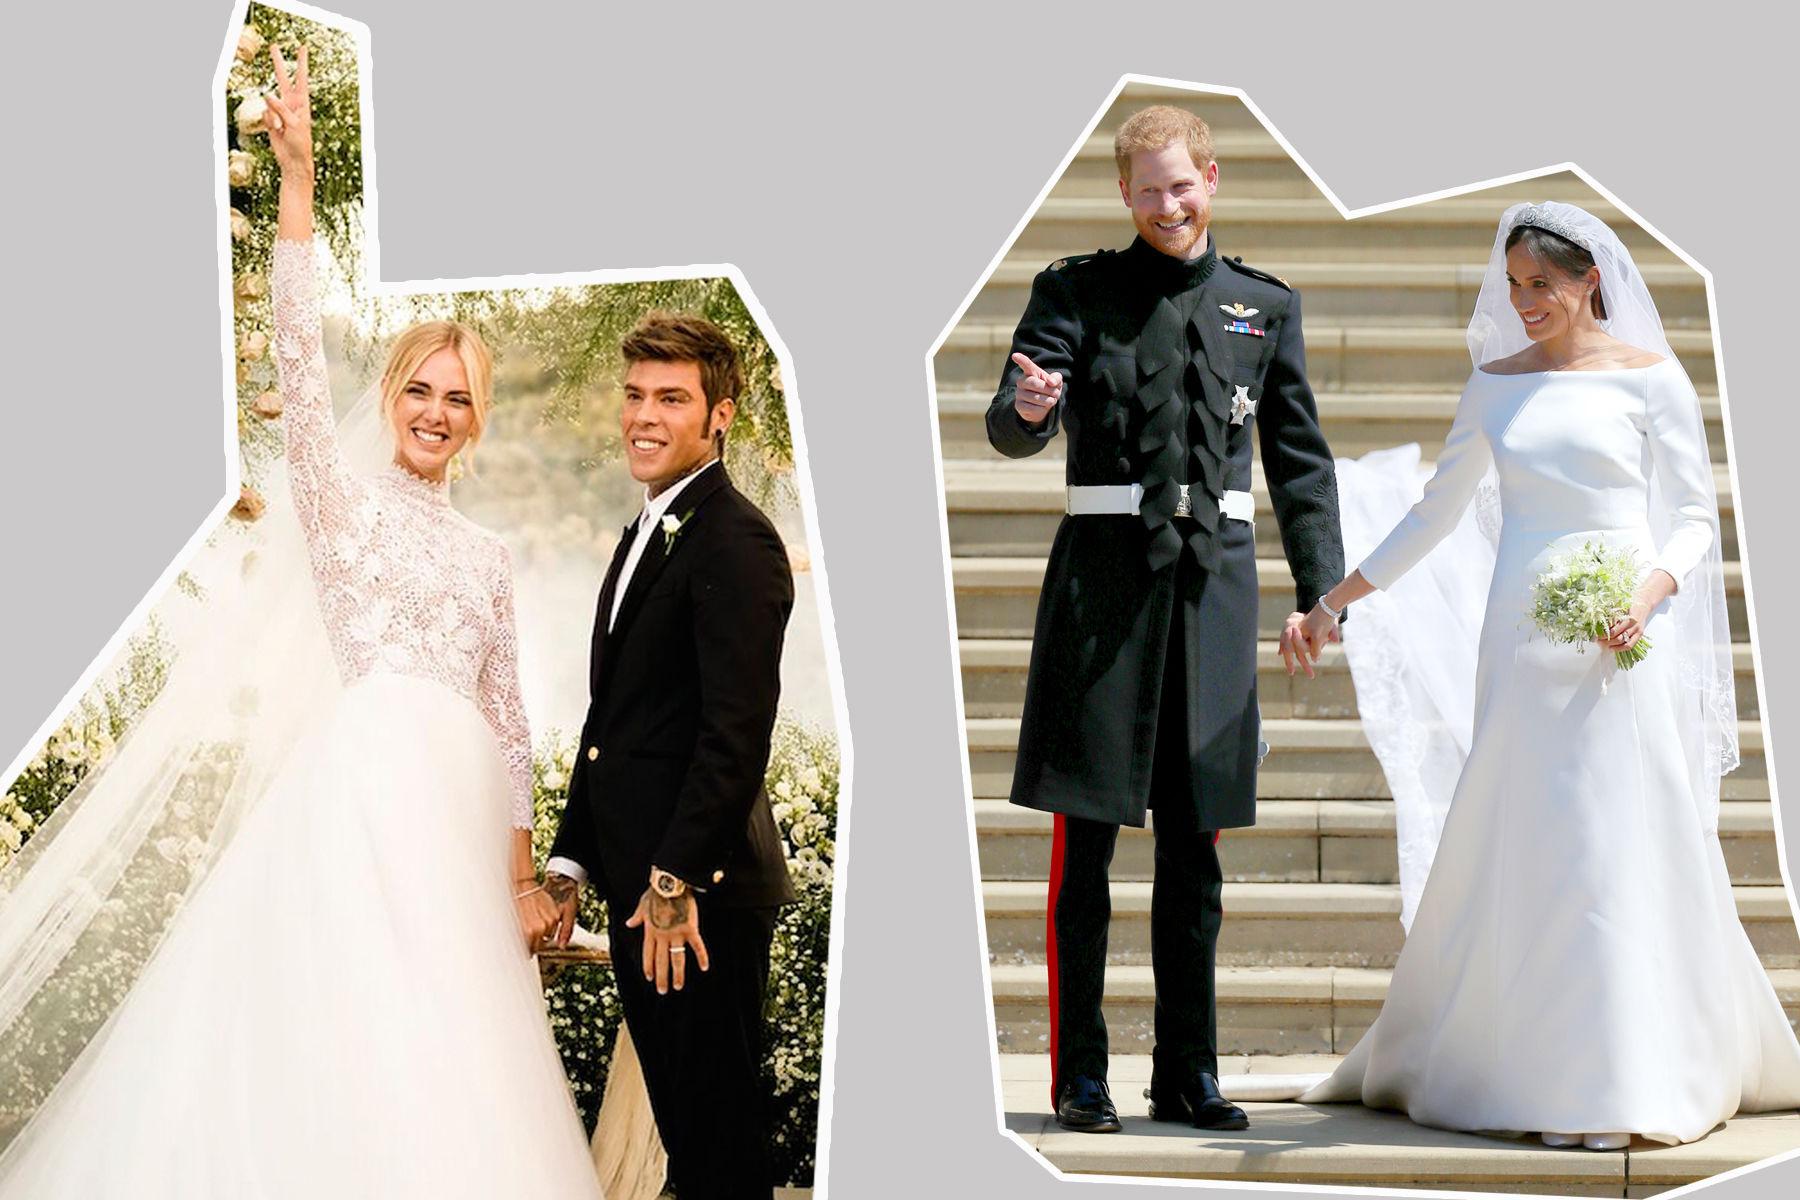 Chiaras Hochzeit Übertrumpft Sogar Die Royal Wedding - Glamour